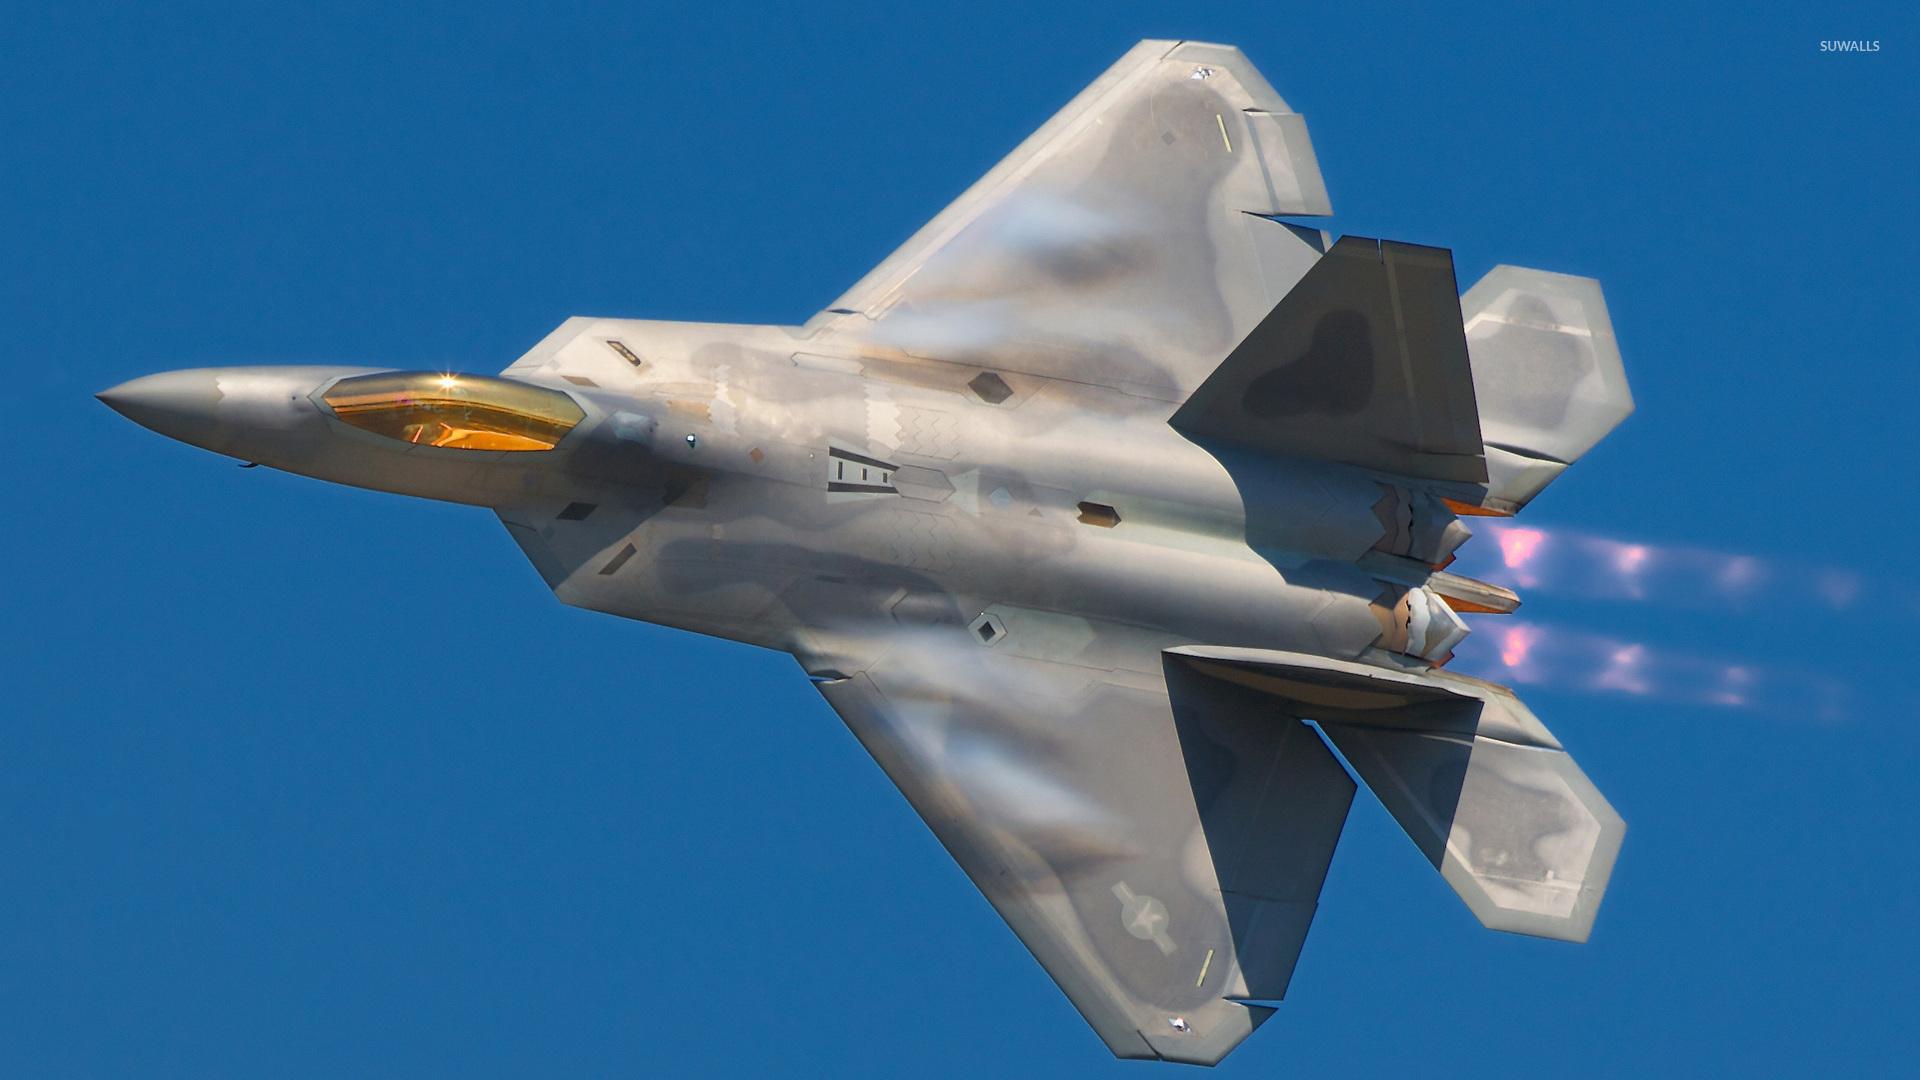 Lockheed Martin F 22 Raptor wallpaper 1920x1080 1920x1080